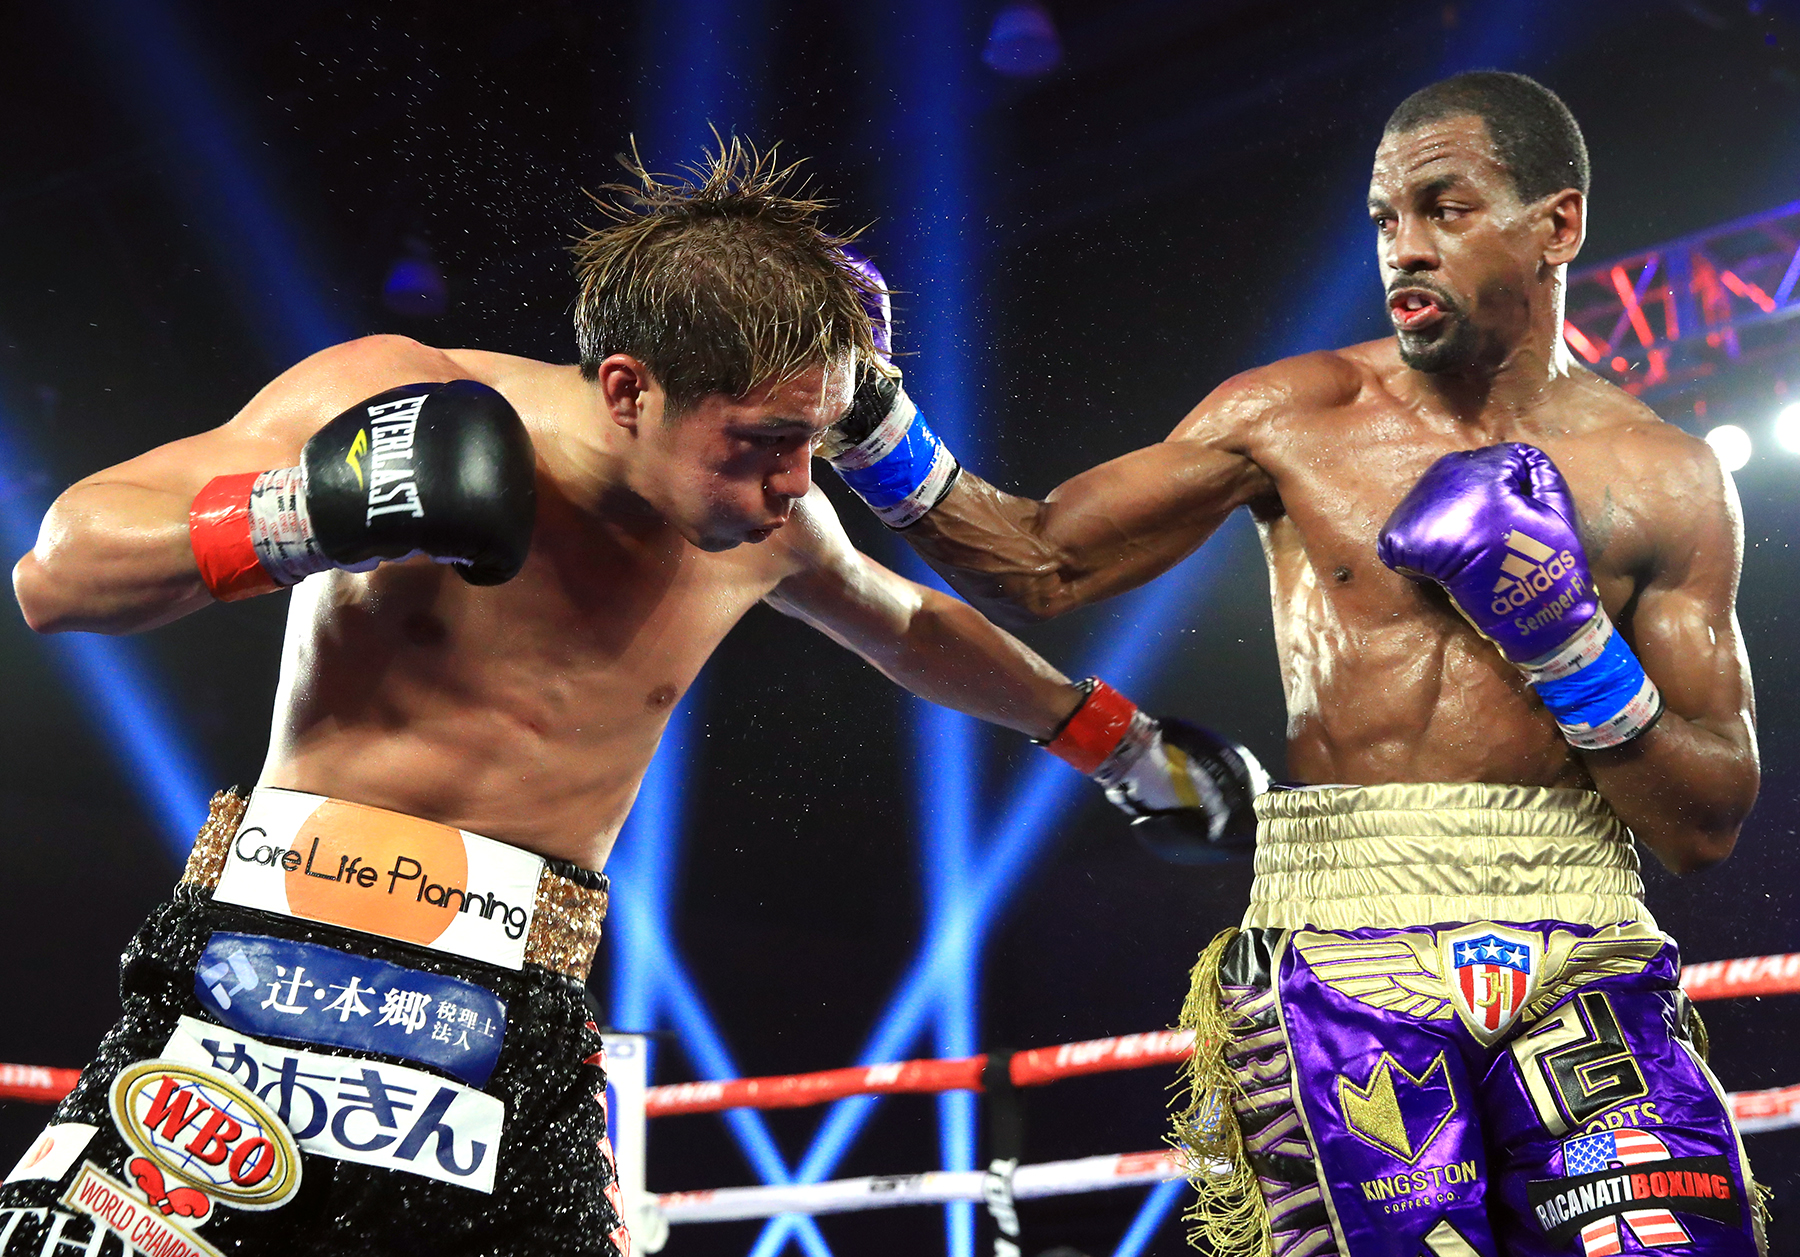 Jamel Herring (right) vs. Masayuki Ito. Photo by Mikey Williams/Top Rank